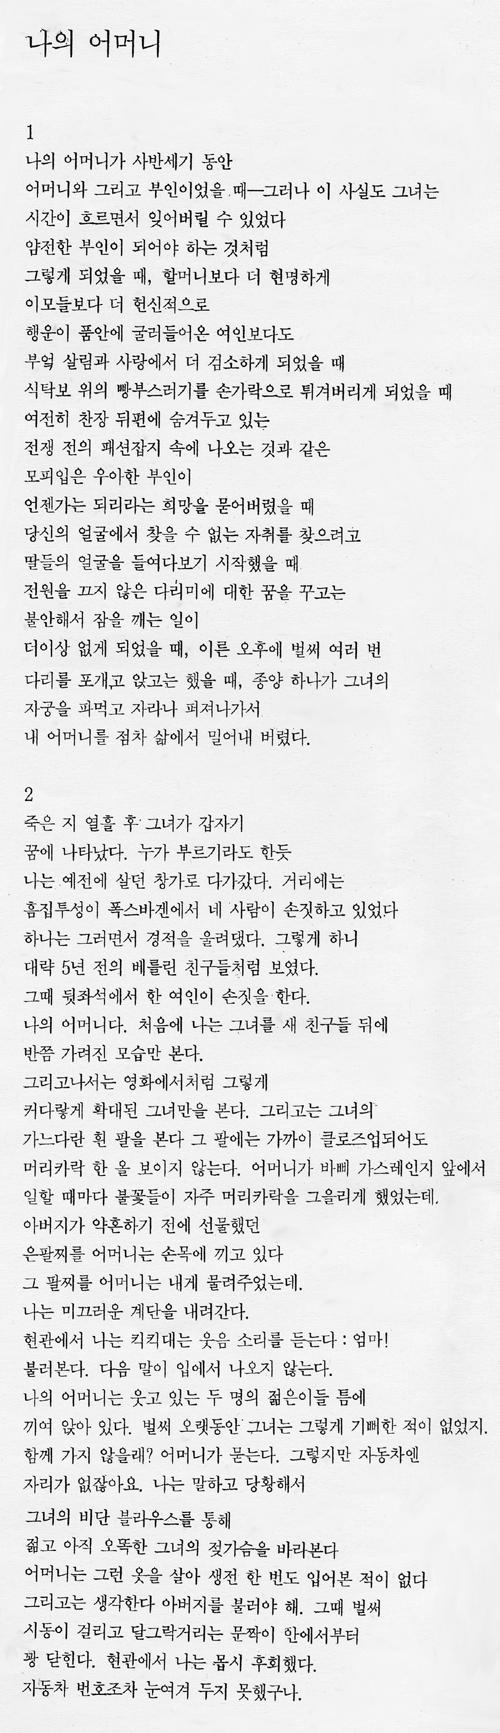 Mama russische gedichte für Wedding Poem